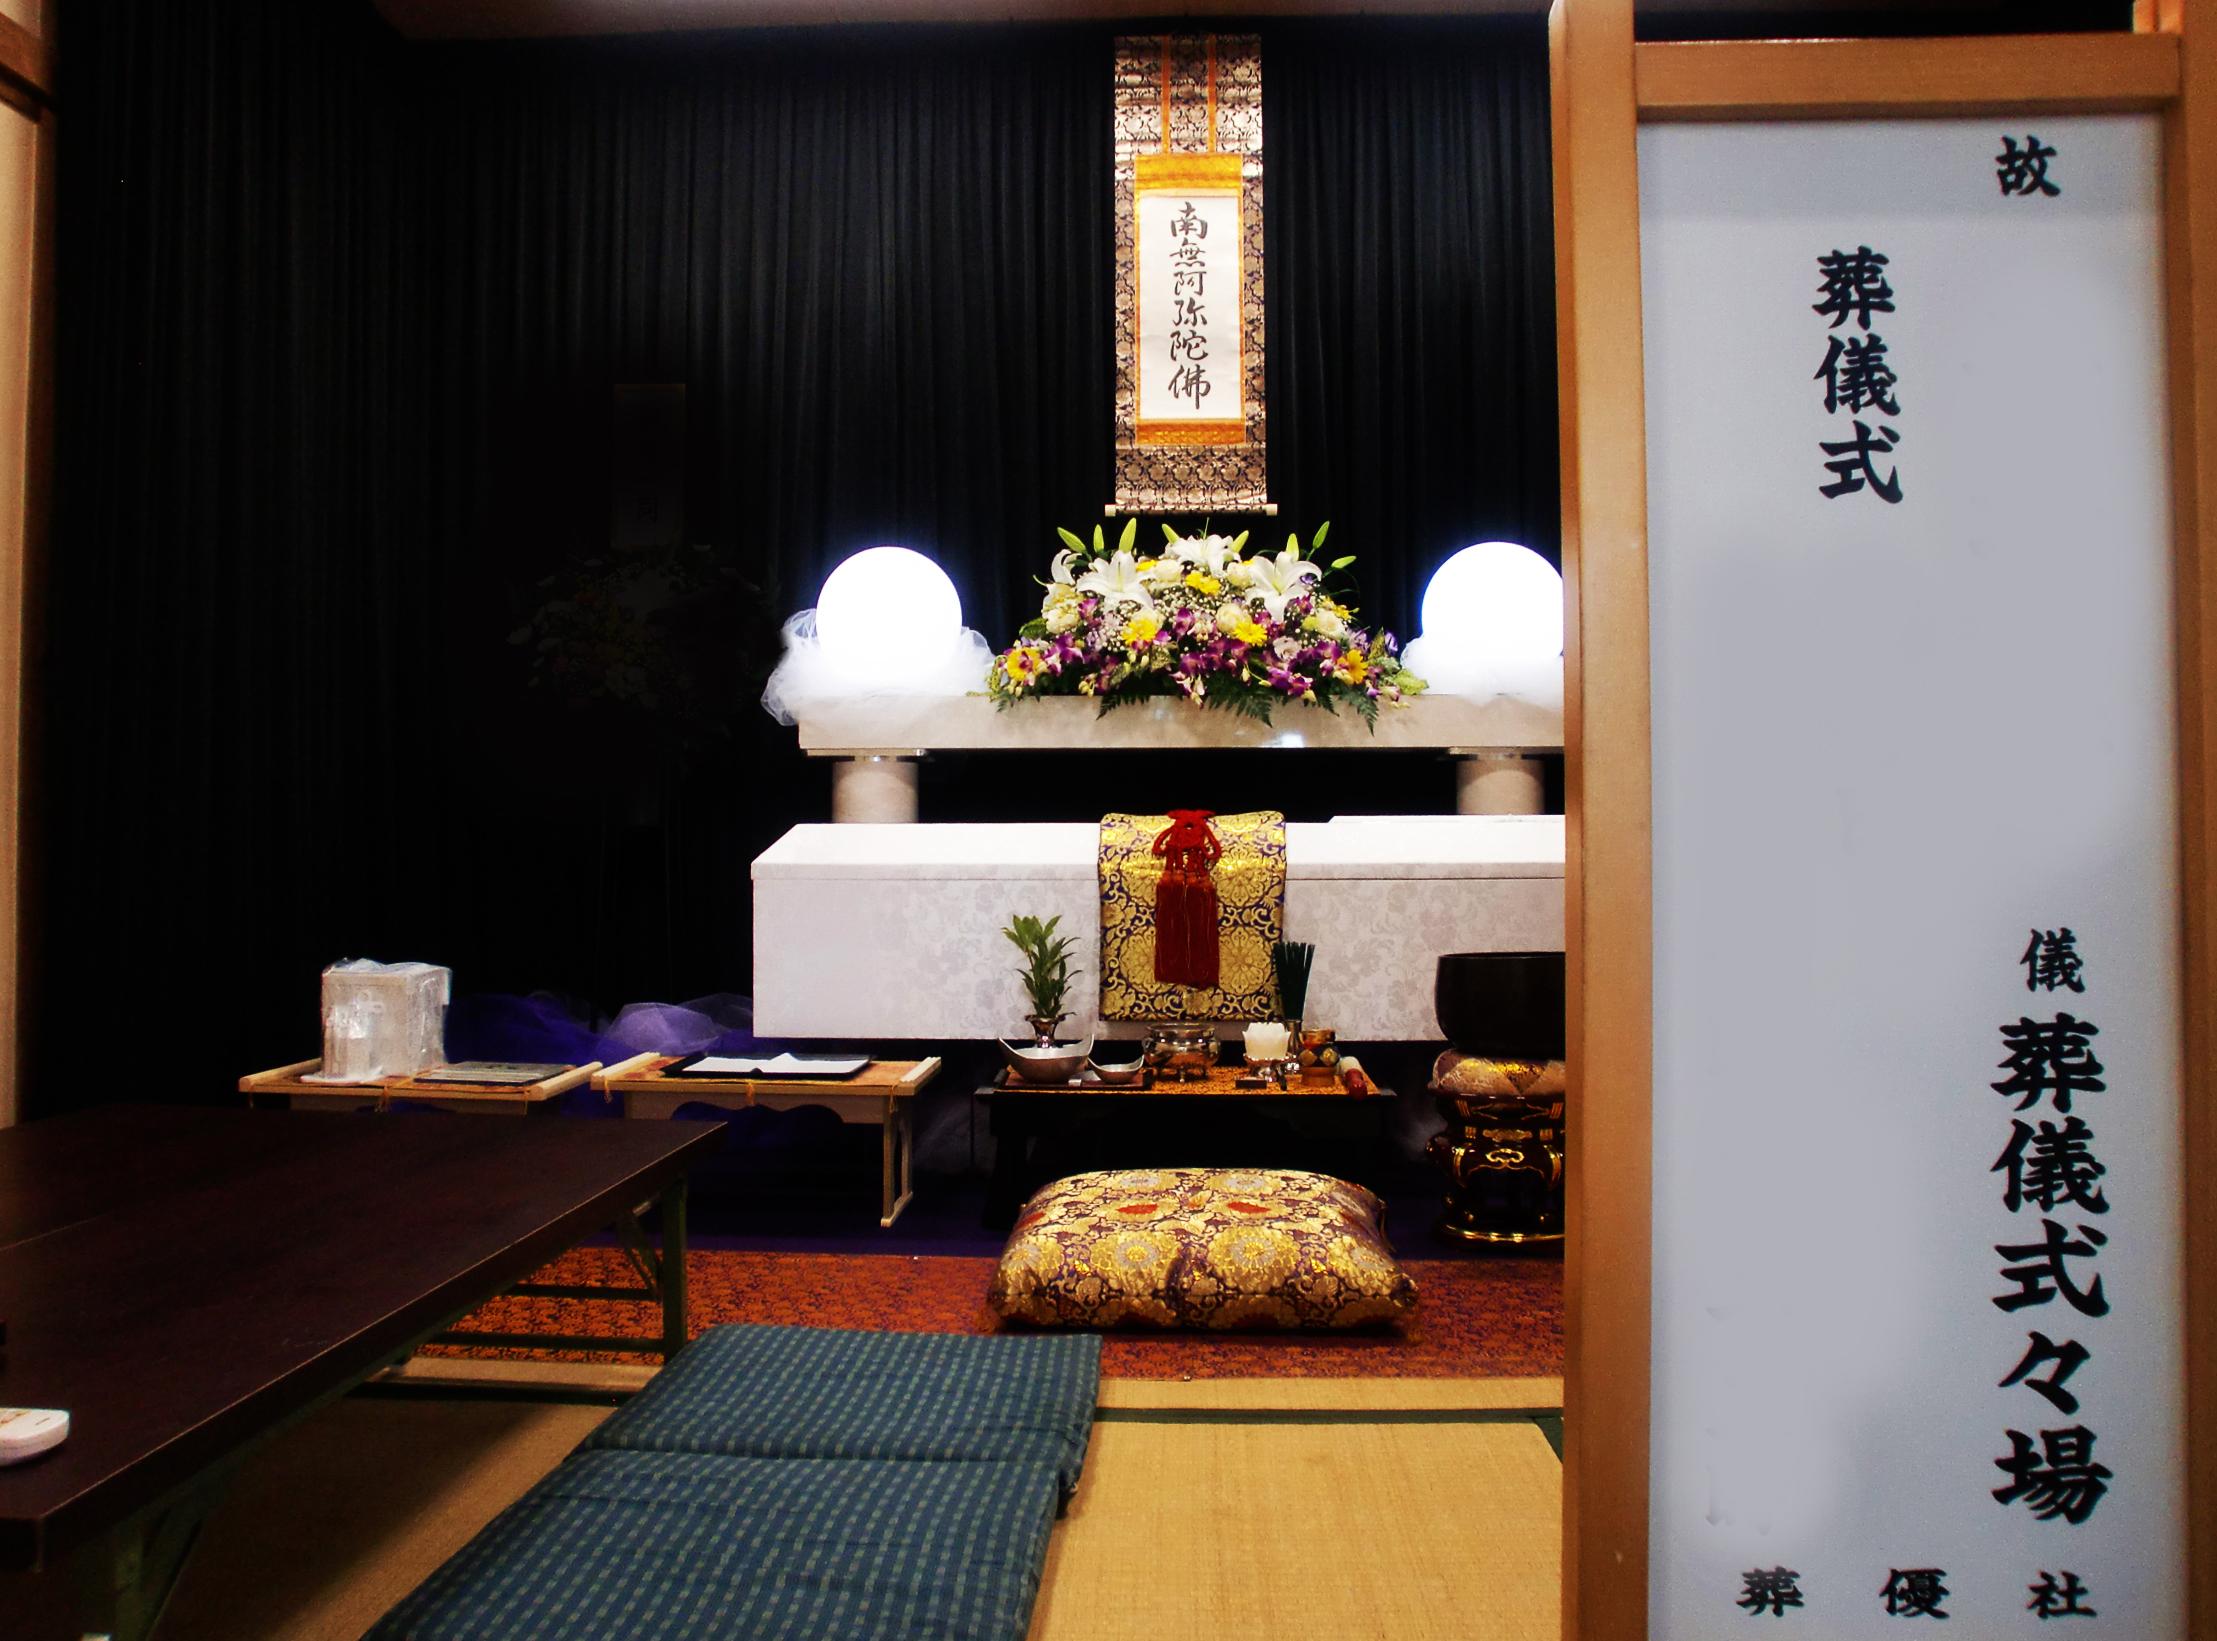 天王寺区の生活保護の実際の葬儀風景